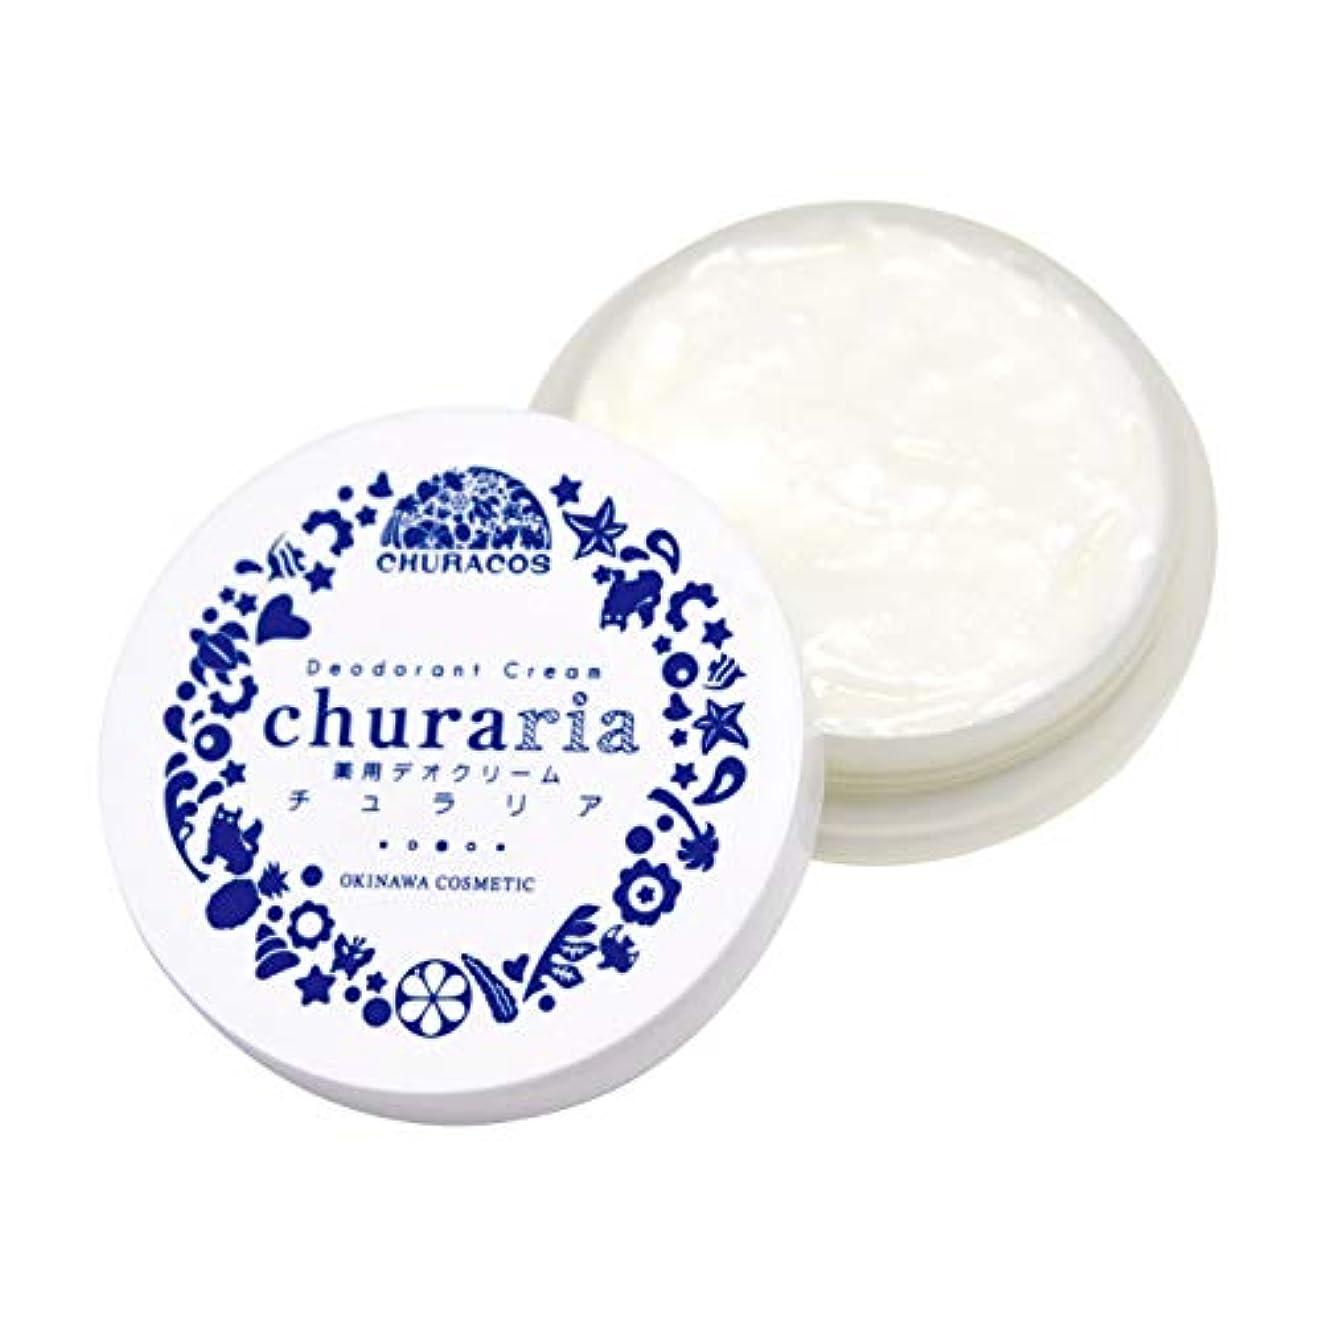 抽出シリンダーアイスクリームチュラコス 薬用デオドラントクリーム チュラリア 27g 制汗剤 わきが デリケート (1個)